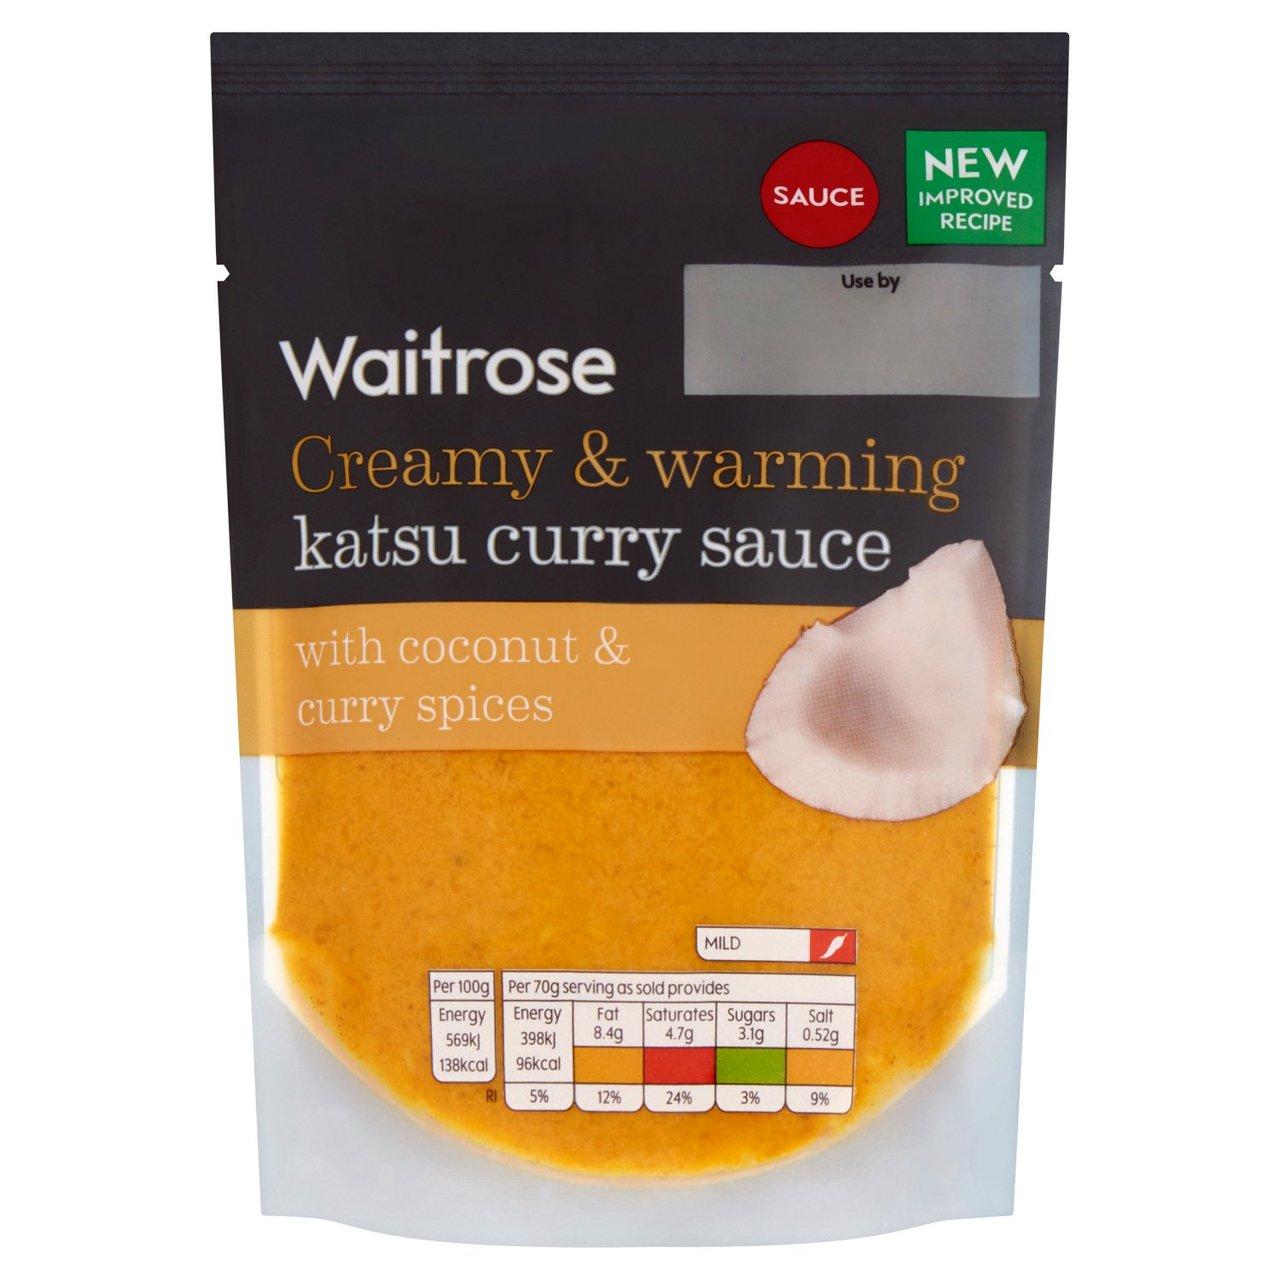 Waitrose Katsu Curry Stir Fry Zoom